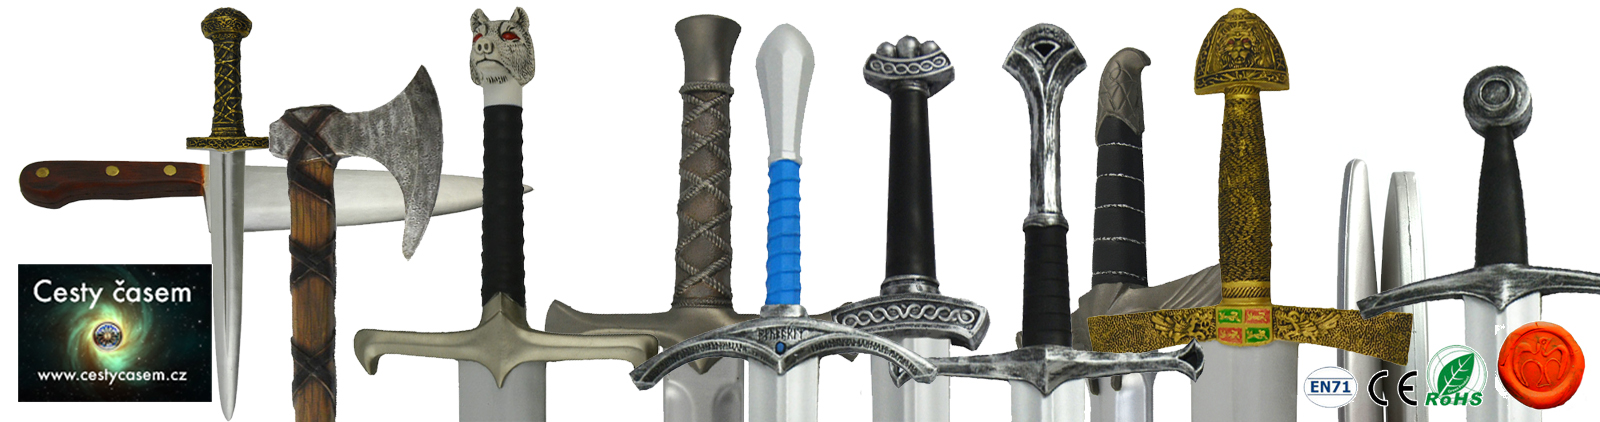 ESHOP larpové měkčené zbraně